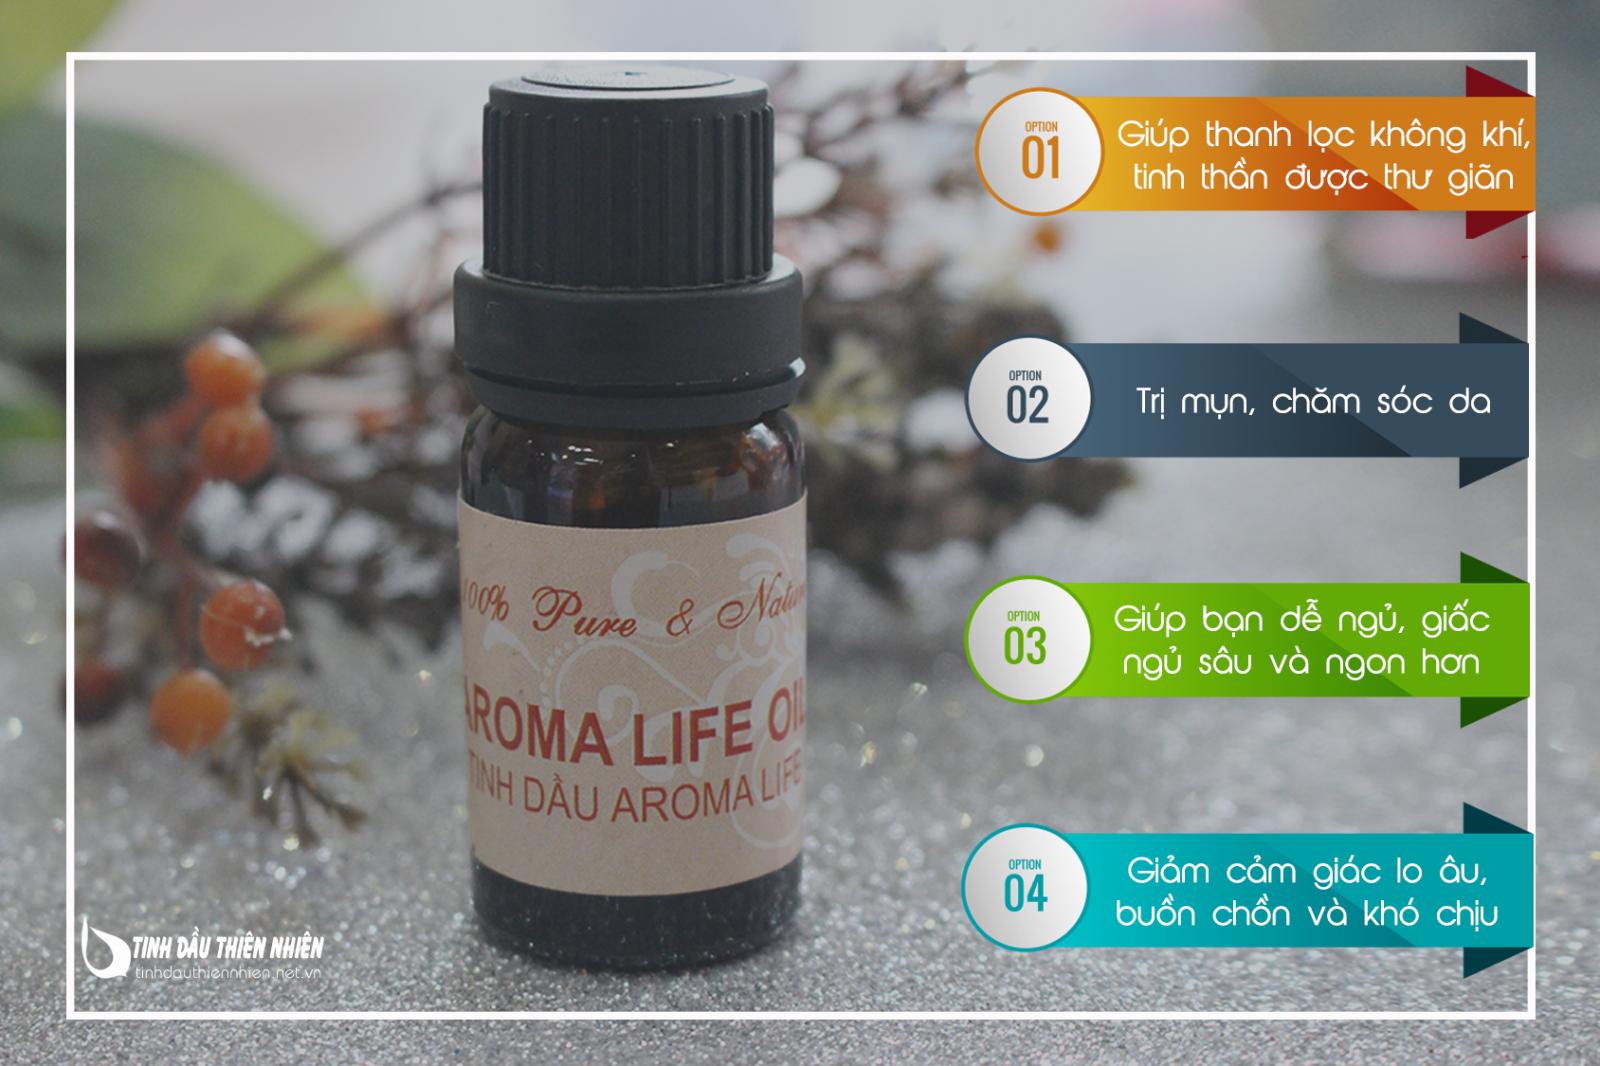 Công dụng của Tinh dầu thanh lọc không khí -Aroma Life Essential Oil